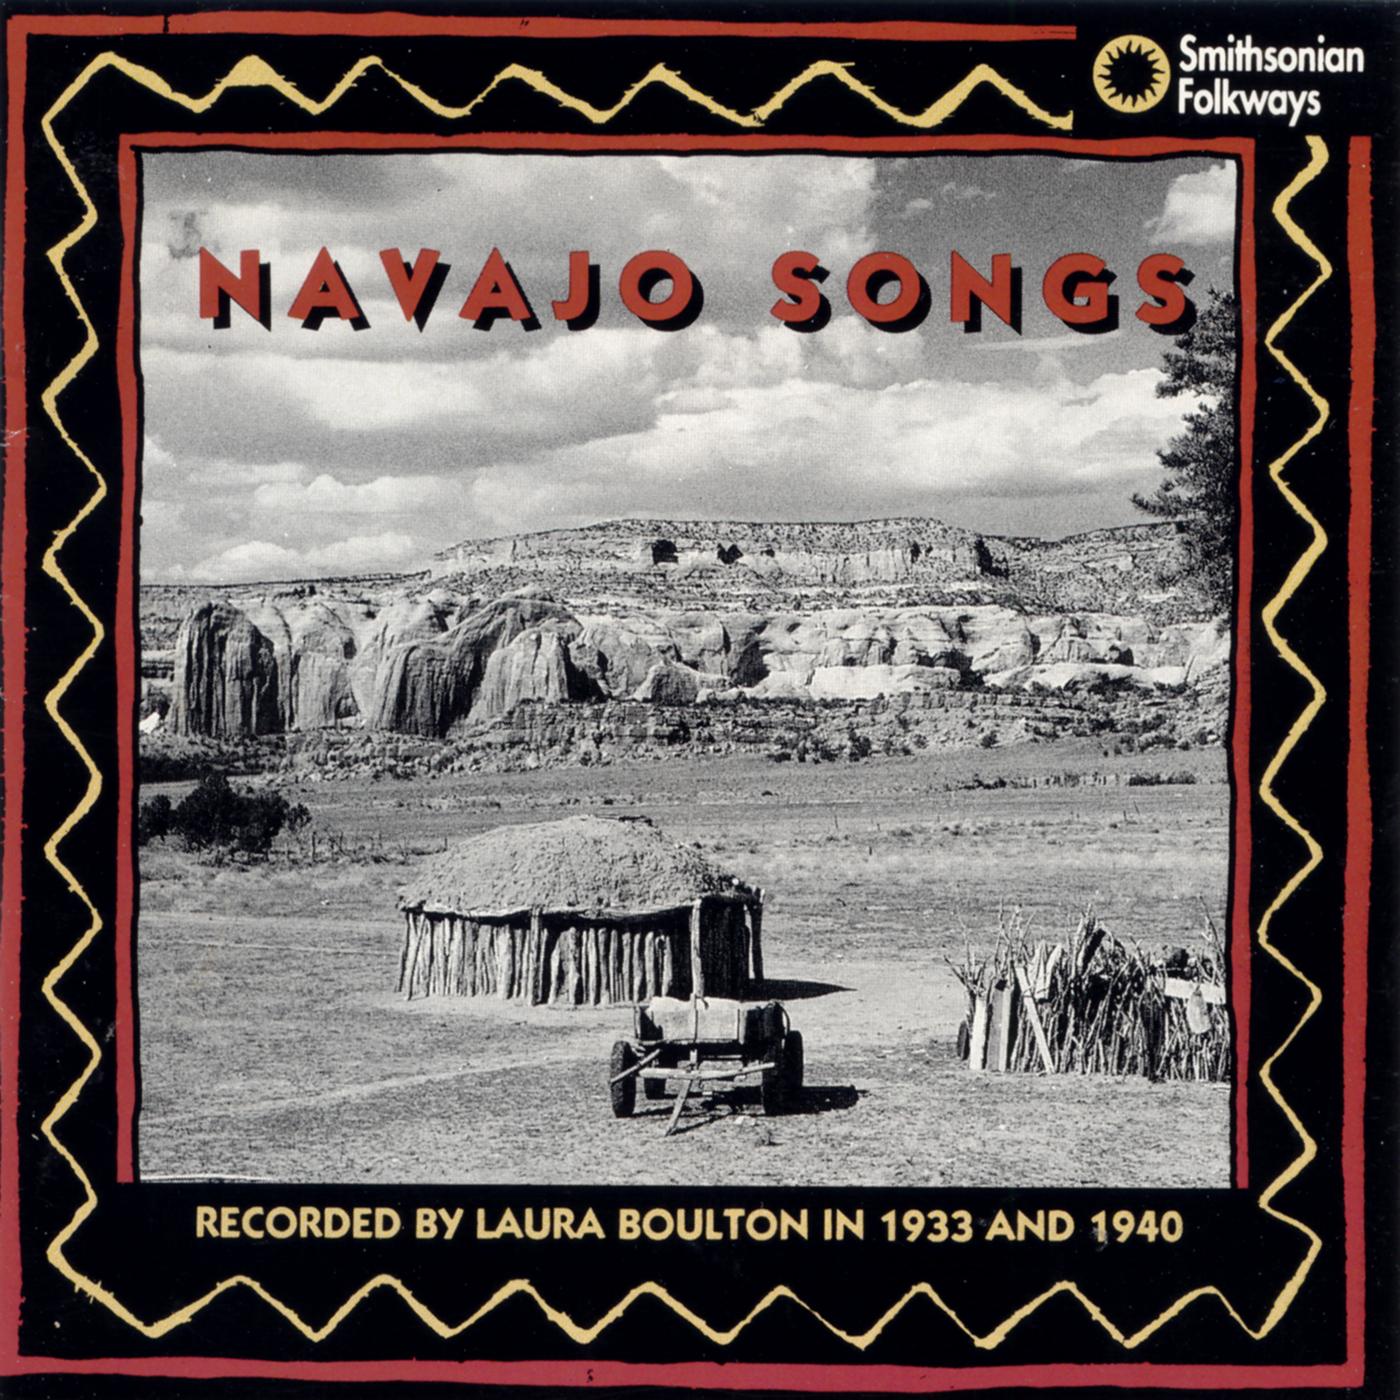 Navajo Songs | Smithsonian Folkways Recordings